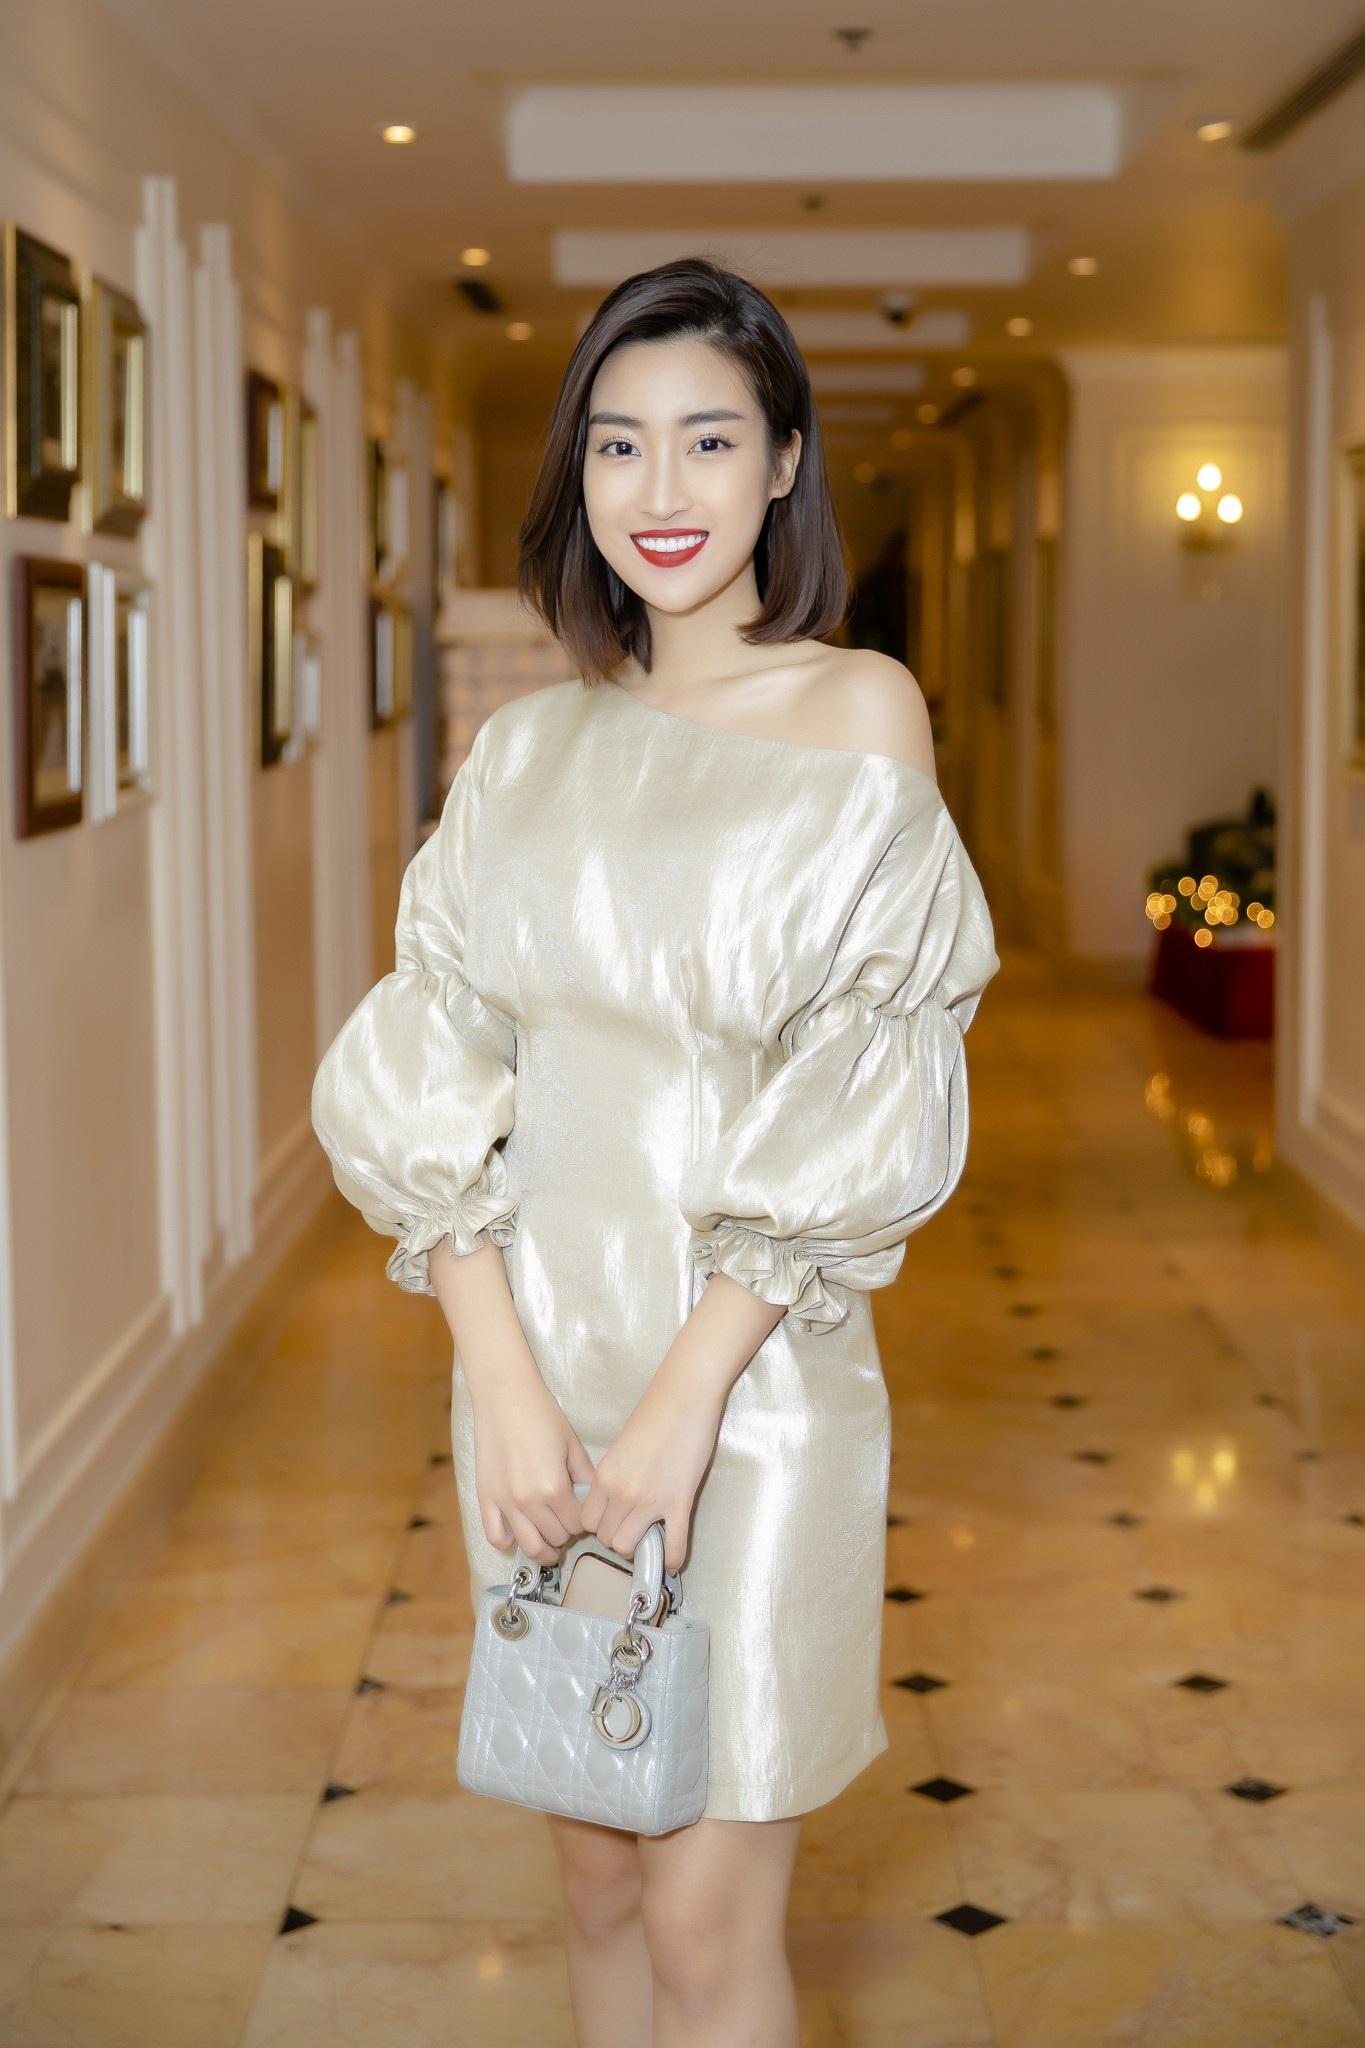 Nguyễn Thị Loan đọ vẻ nóng bỏng cùng bộ đôi Hoa hậu tên Linh - Ảnh 4.